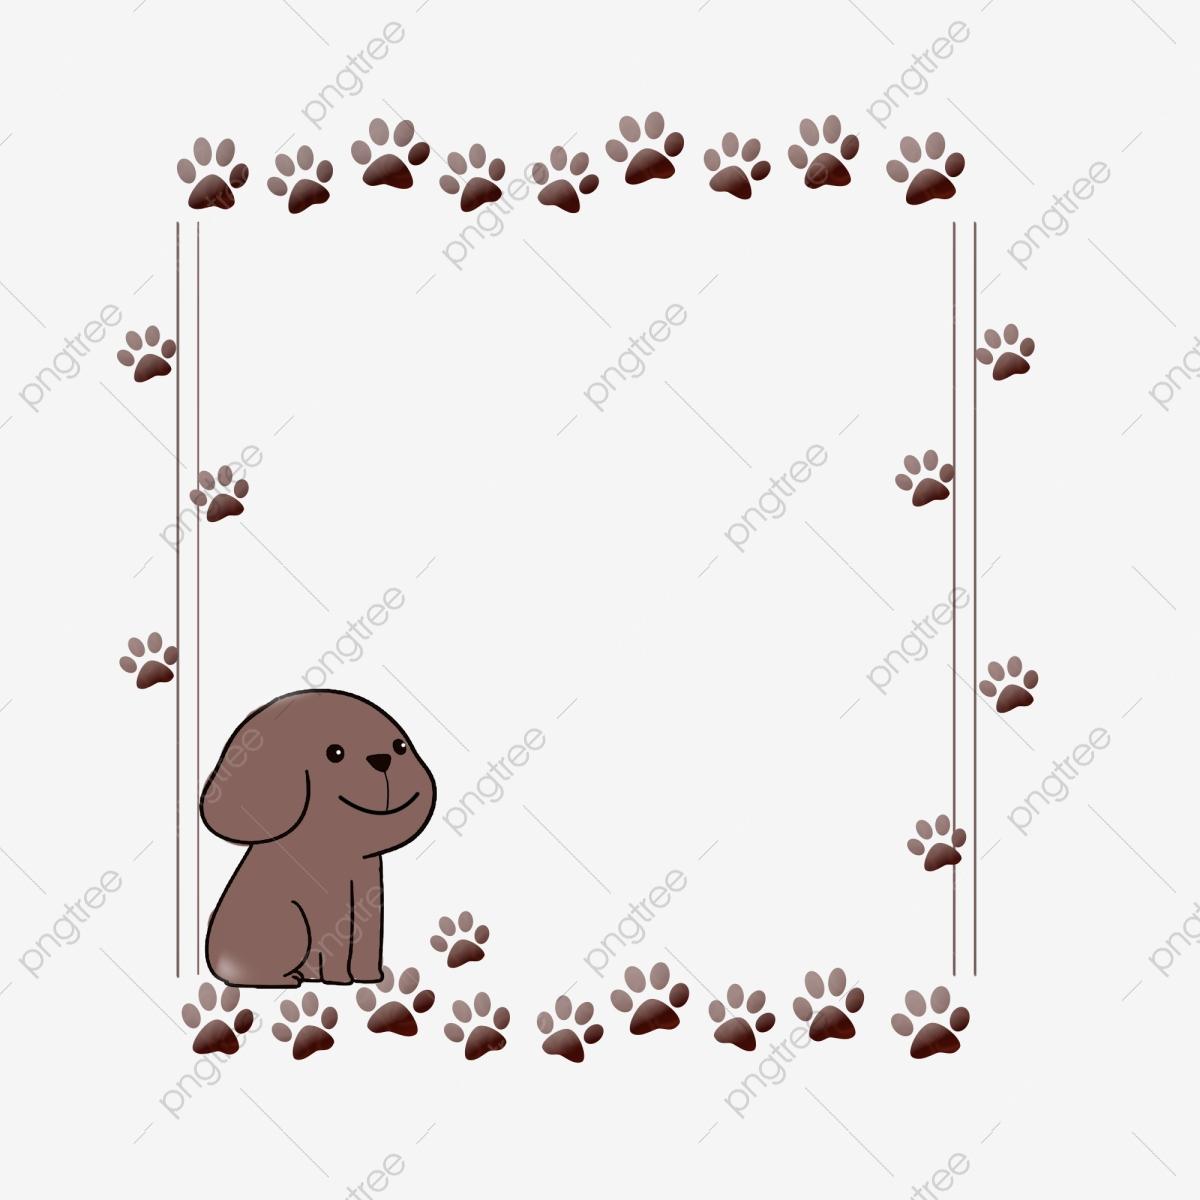 Patte De Chien Mignon Imprimer Frontière Mignon Chien concernant Silhouette D Animaux À Imprimer